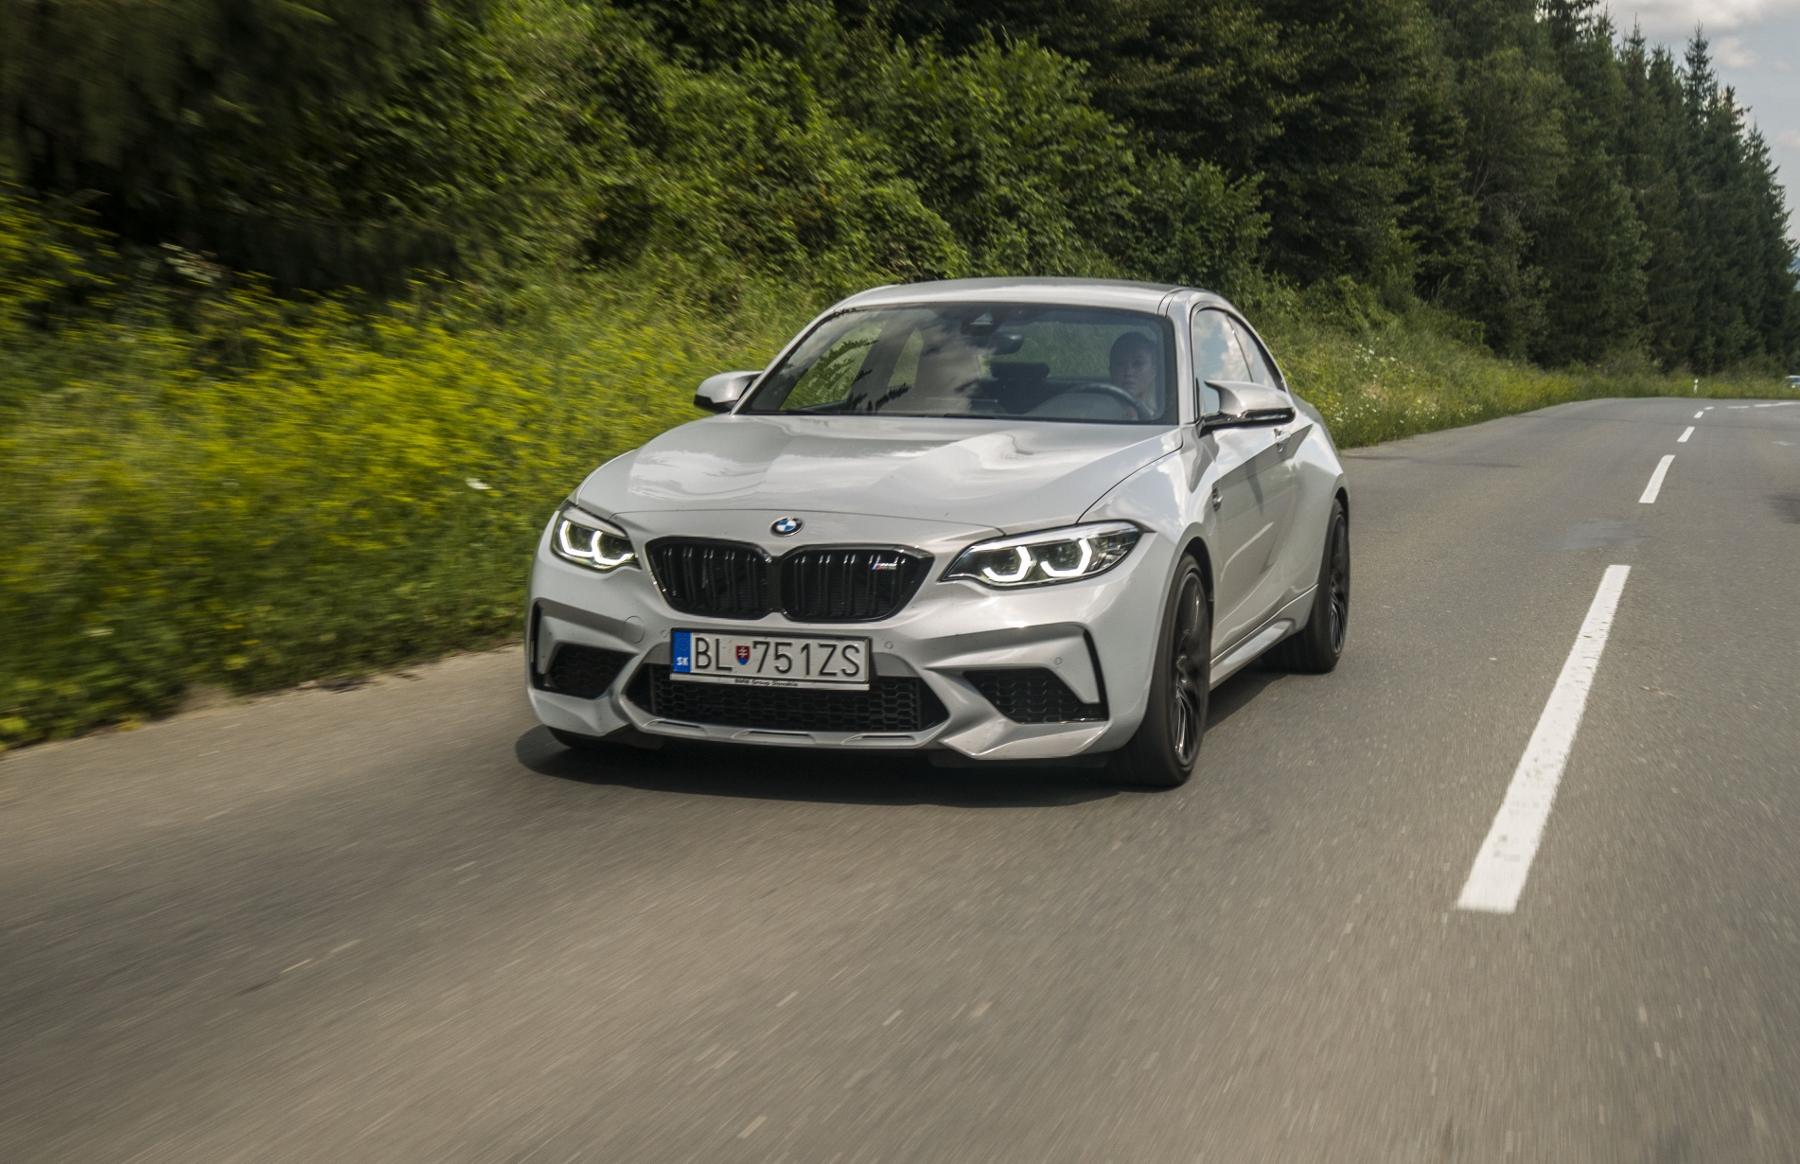 Test: BMW M2 Competition je nálož plná zábavy wB8hMeU54b bmw-m2-24